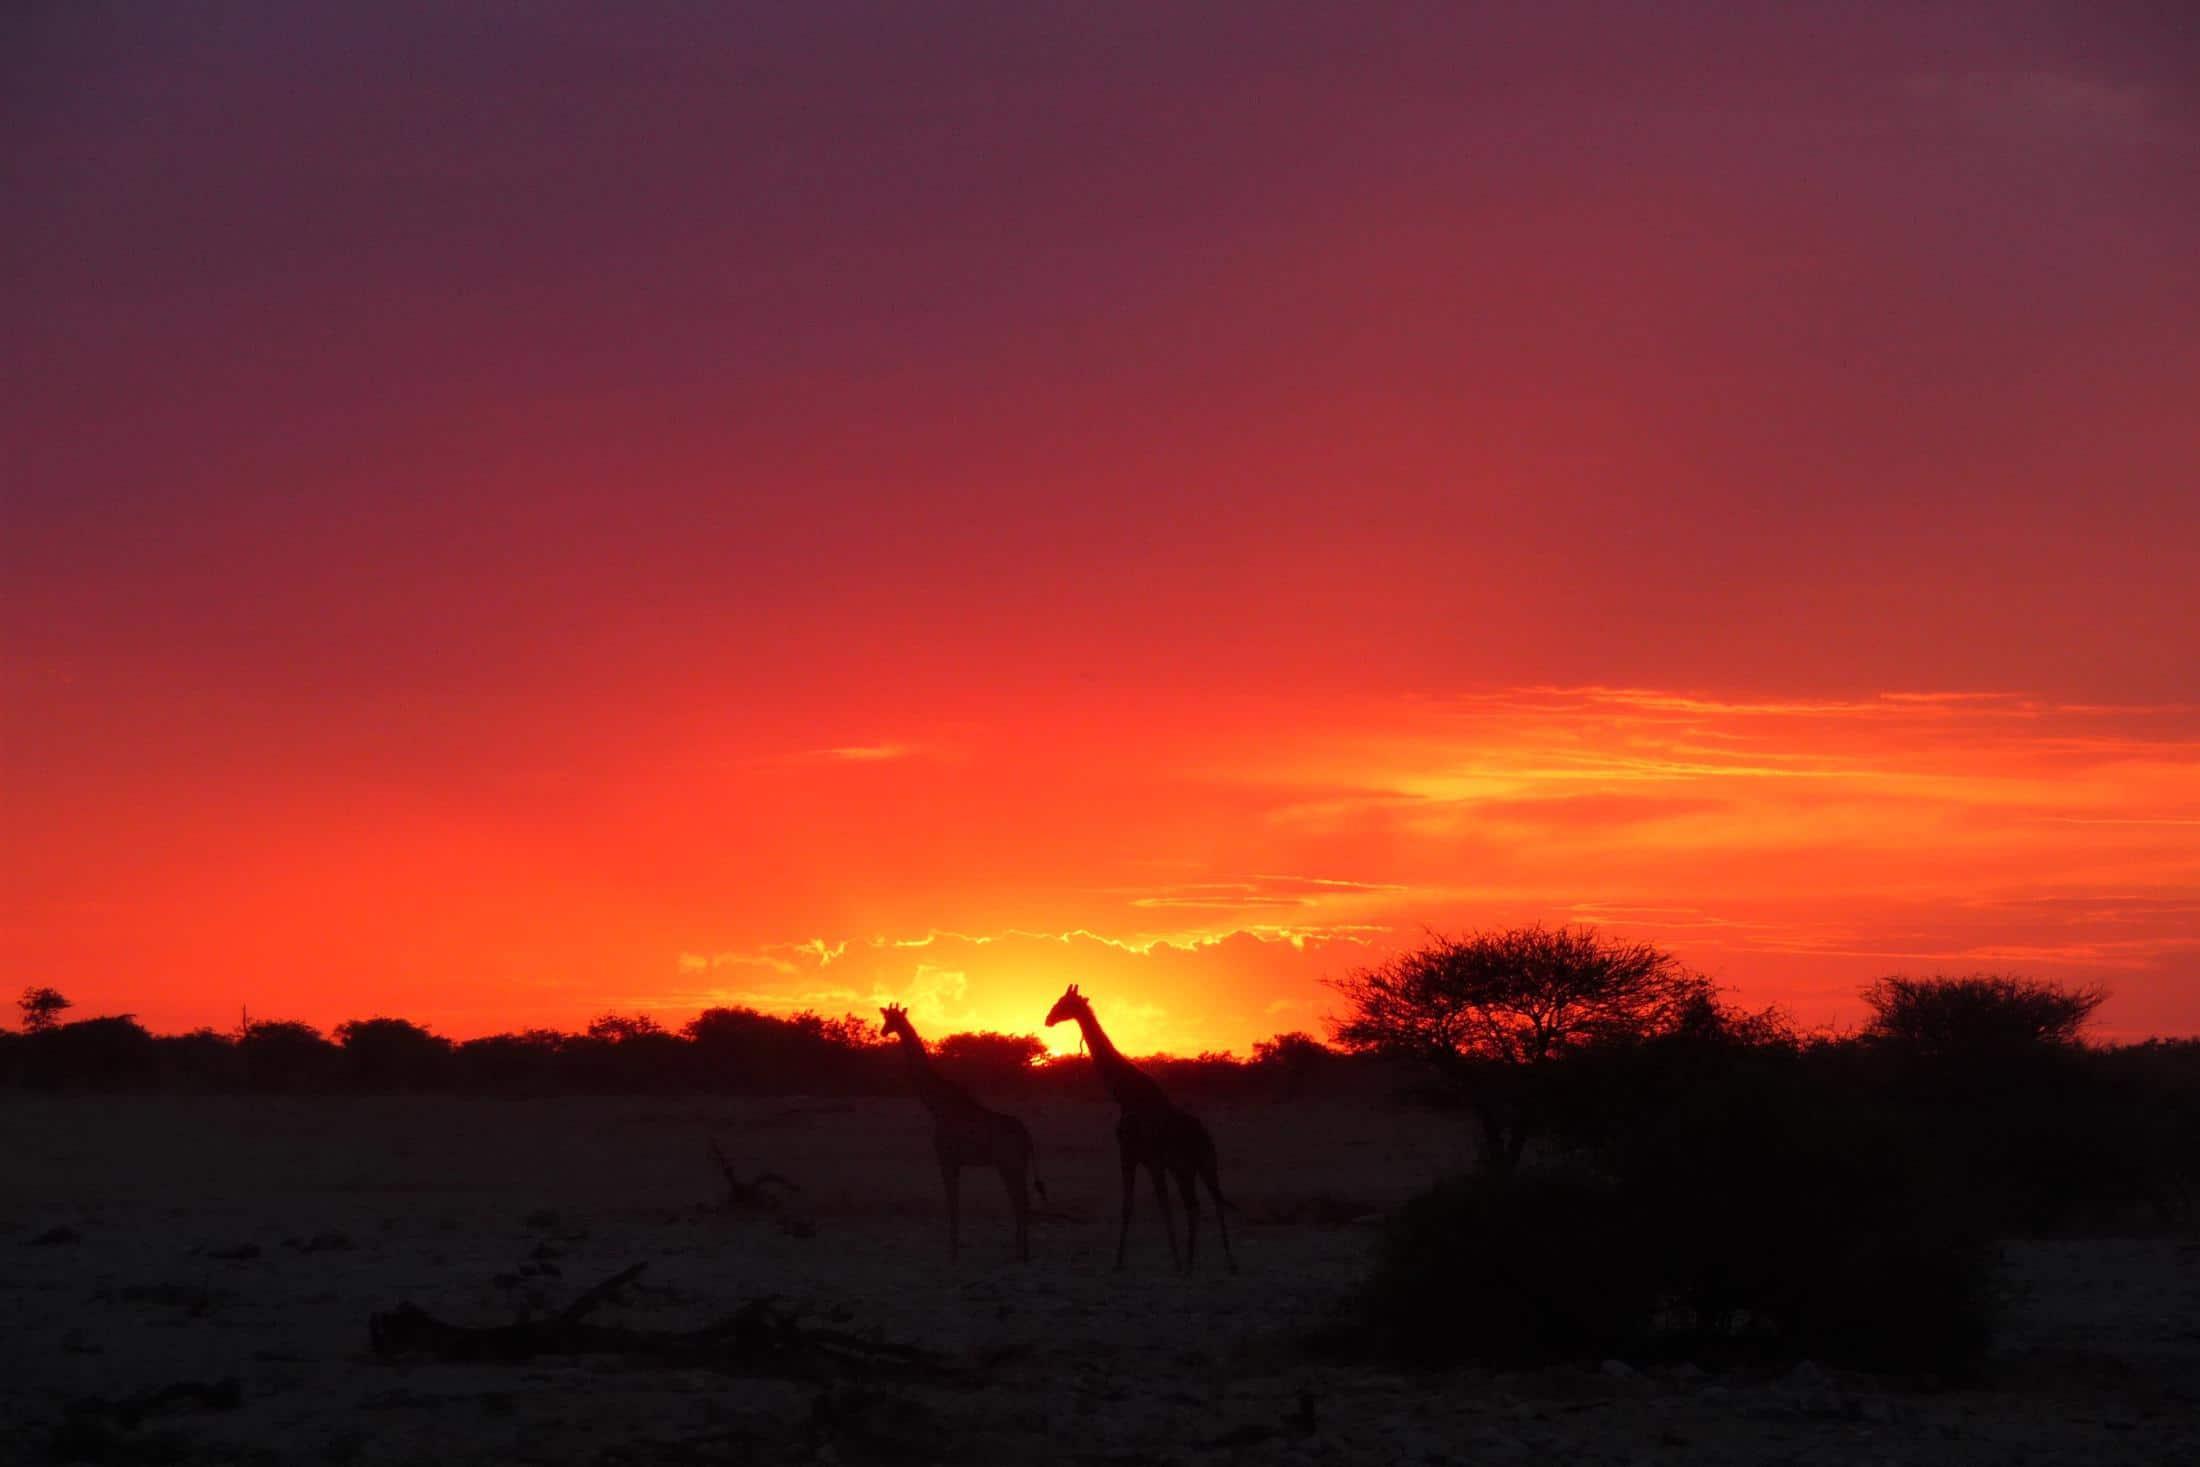 Familiereizen Afrika - Giraffen bij zonsondergang in Etosha NP, Namibië